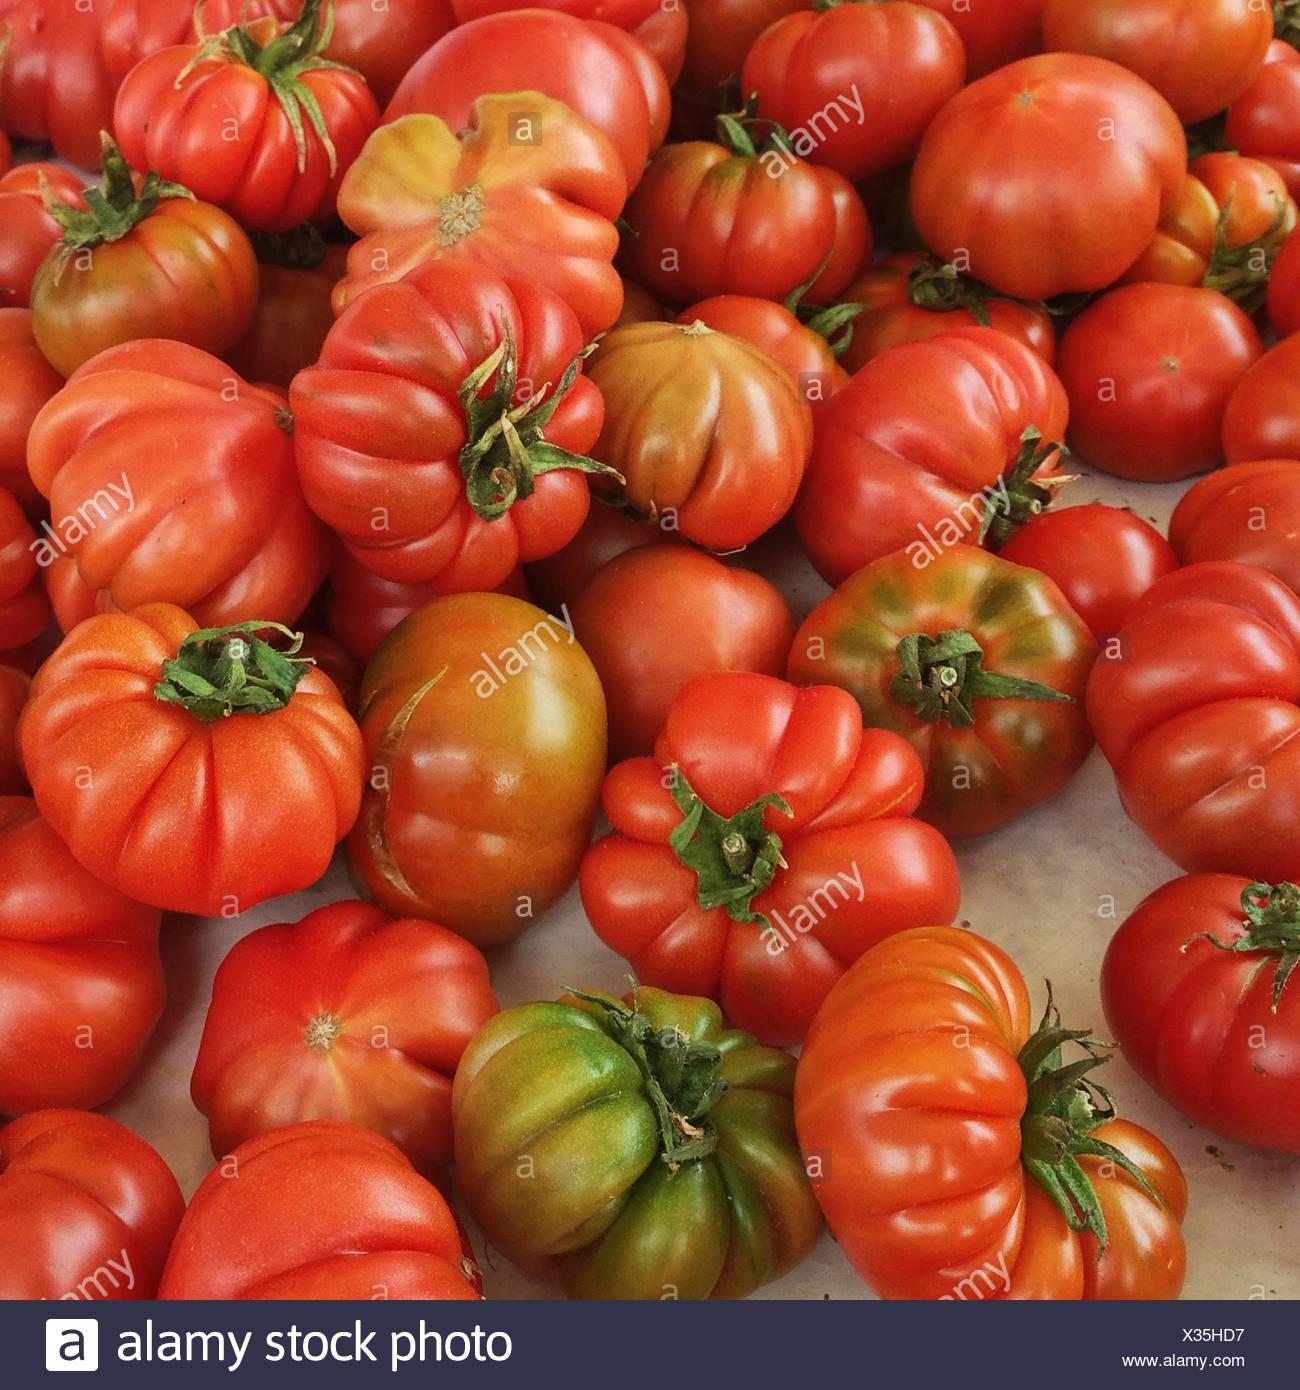 Italy, Tuscany, Tomatoes on market - Stock Image